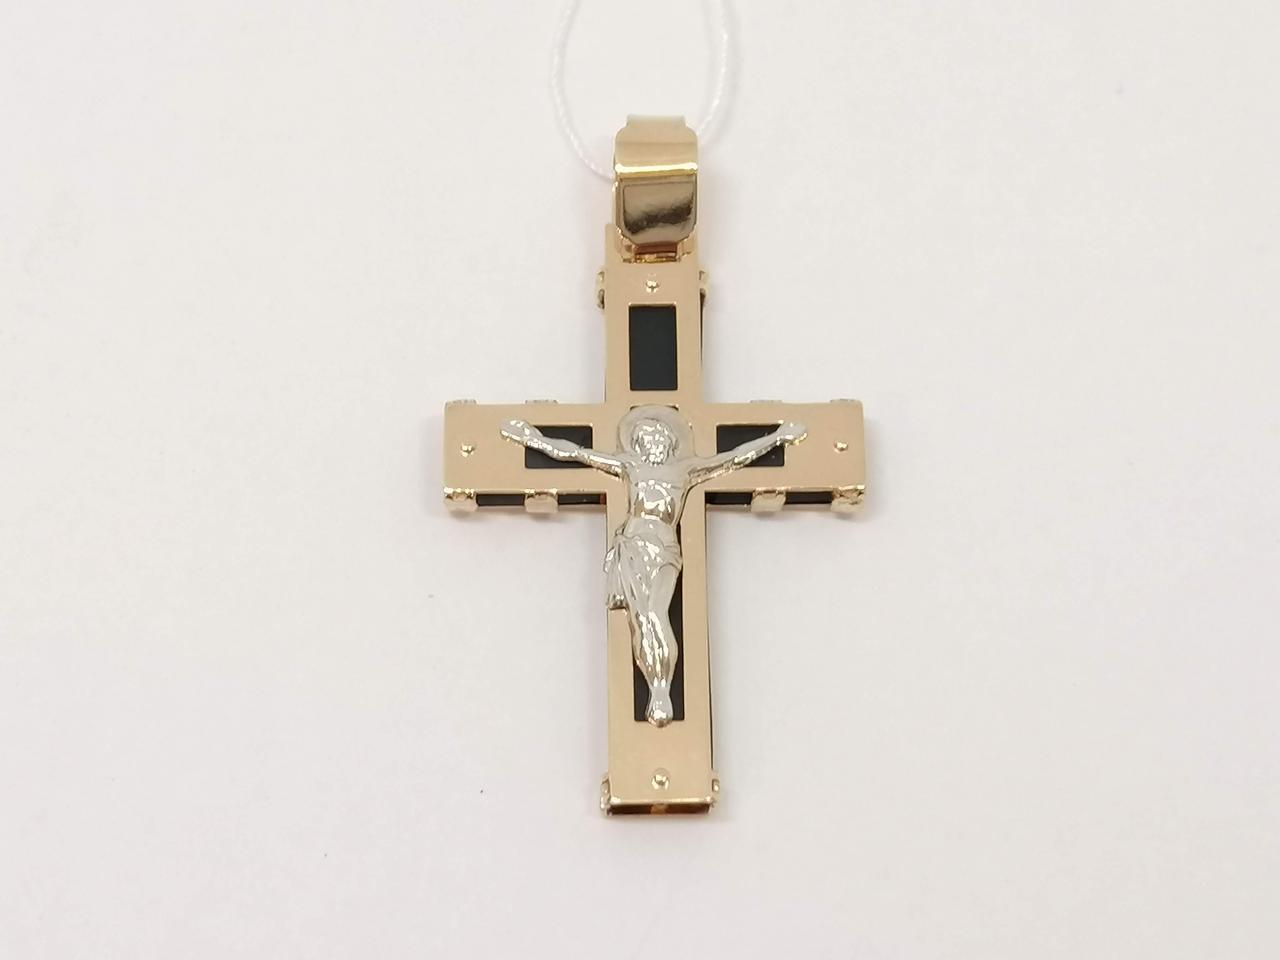 Золотой крестик с каучуком. Распятие Христа. Артикул 940022